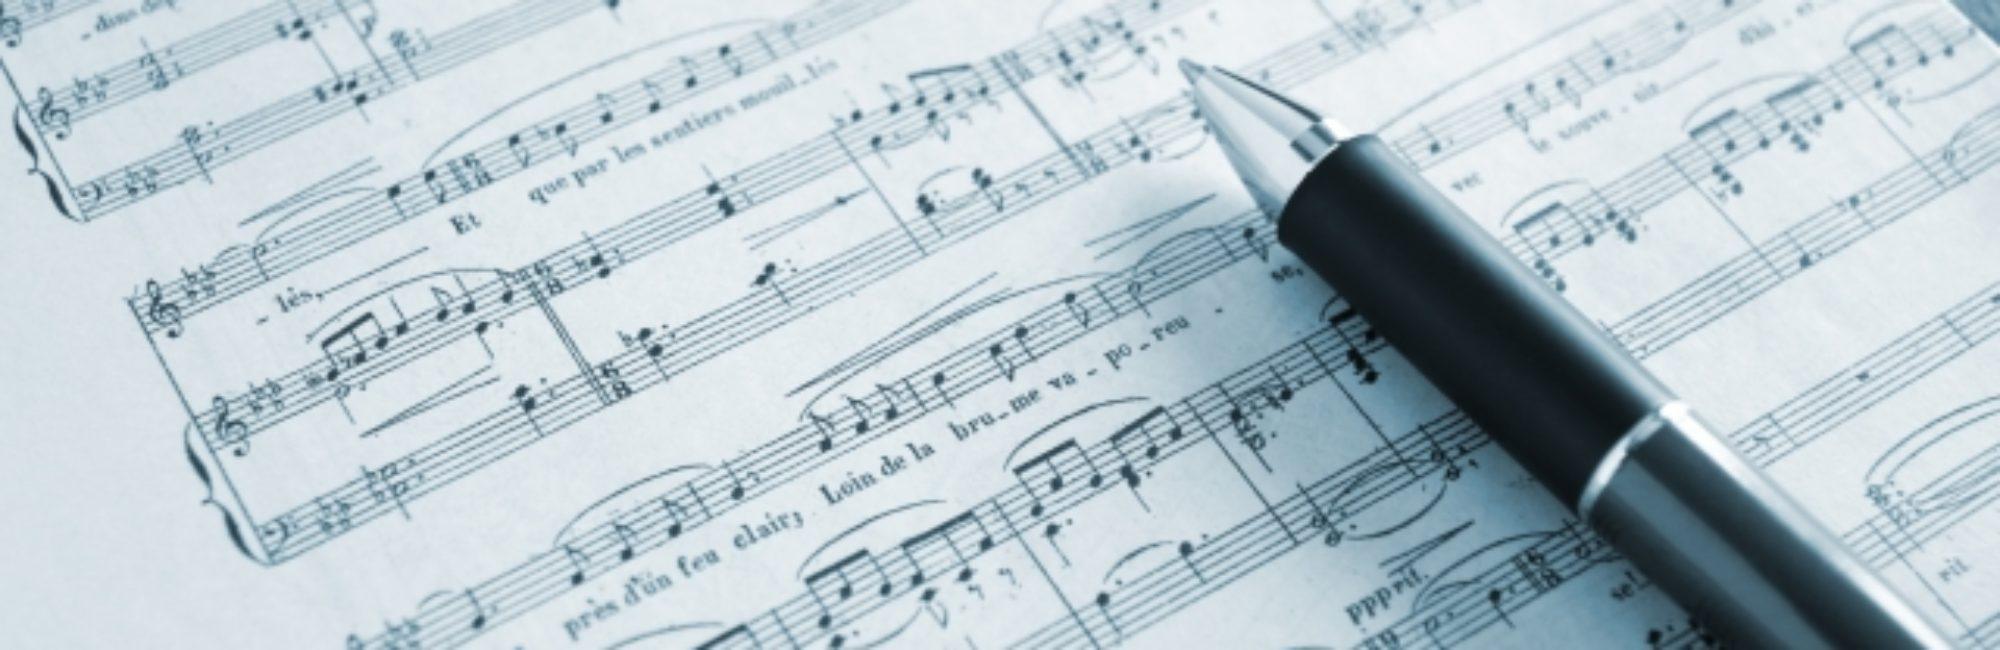 耳コピ!ベース初心者・中級者のためのイヤートレーニング